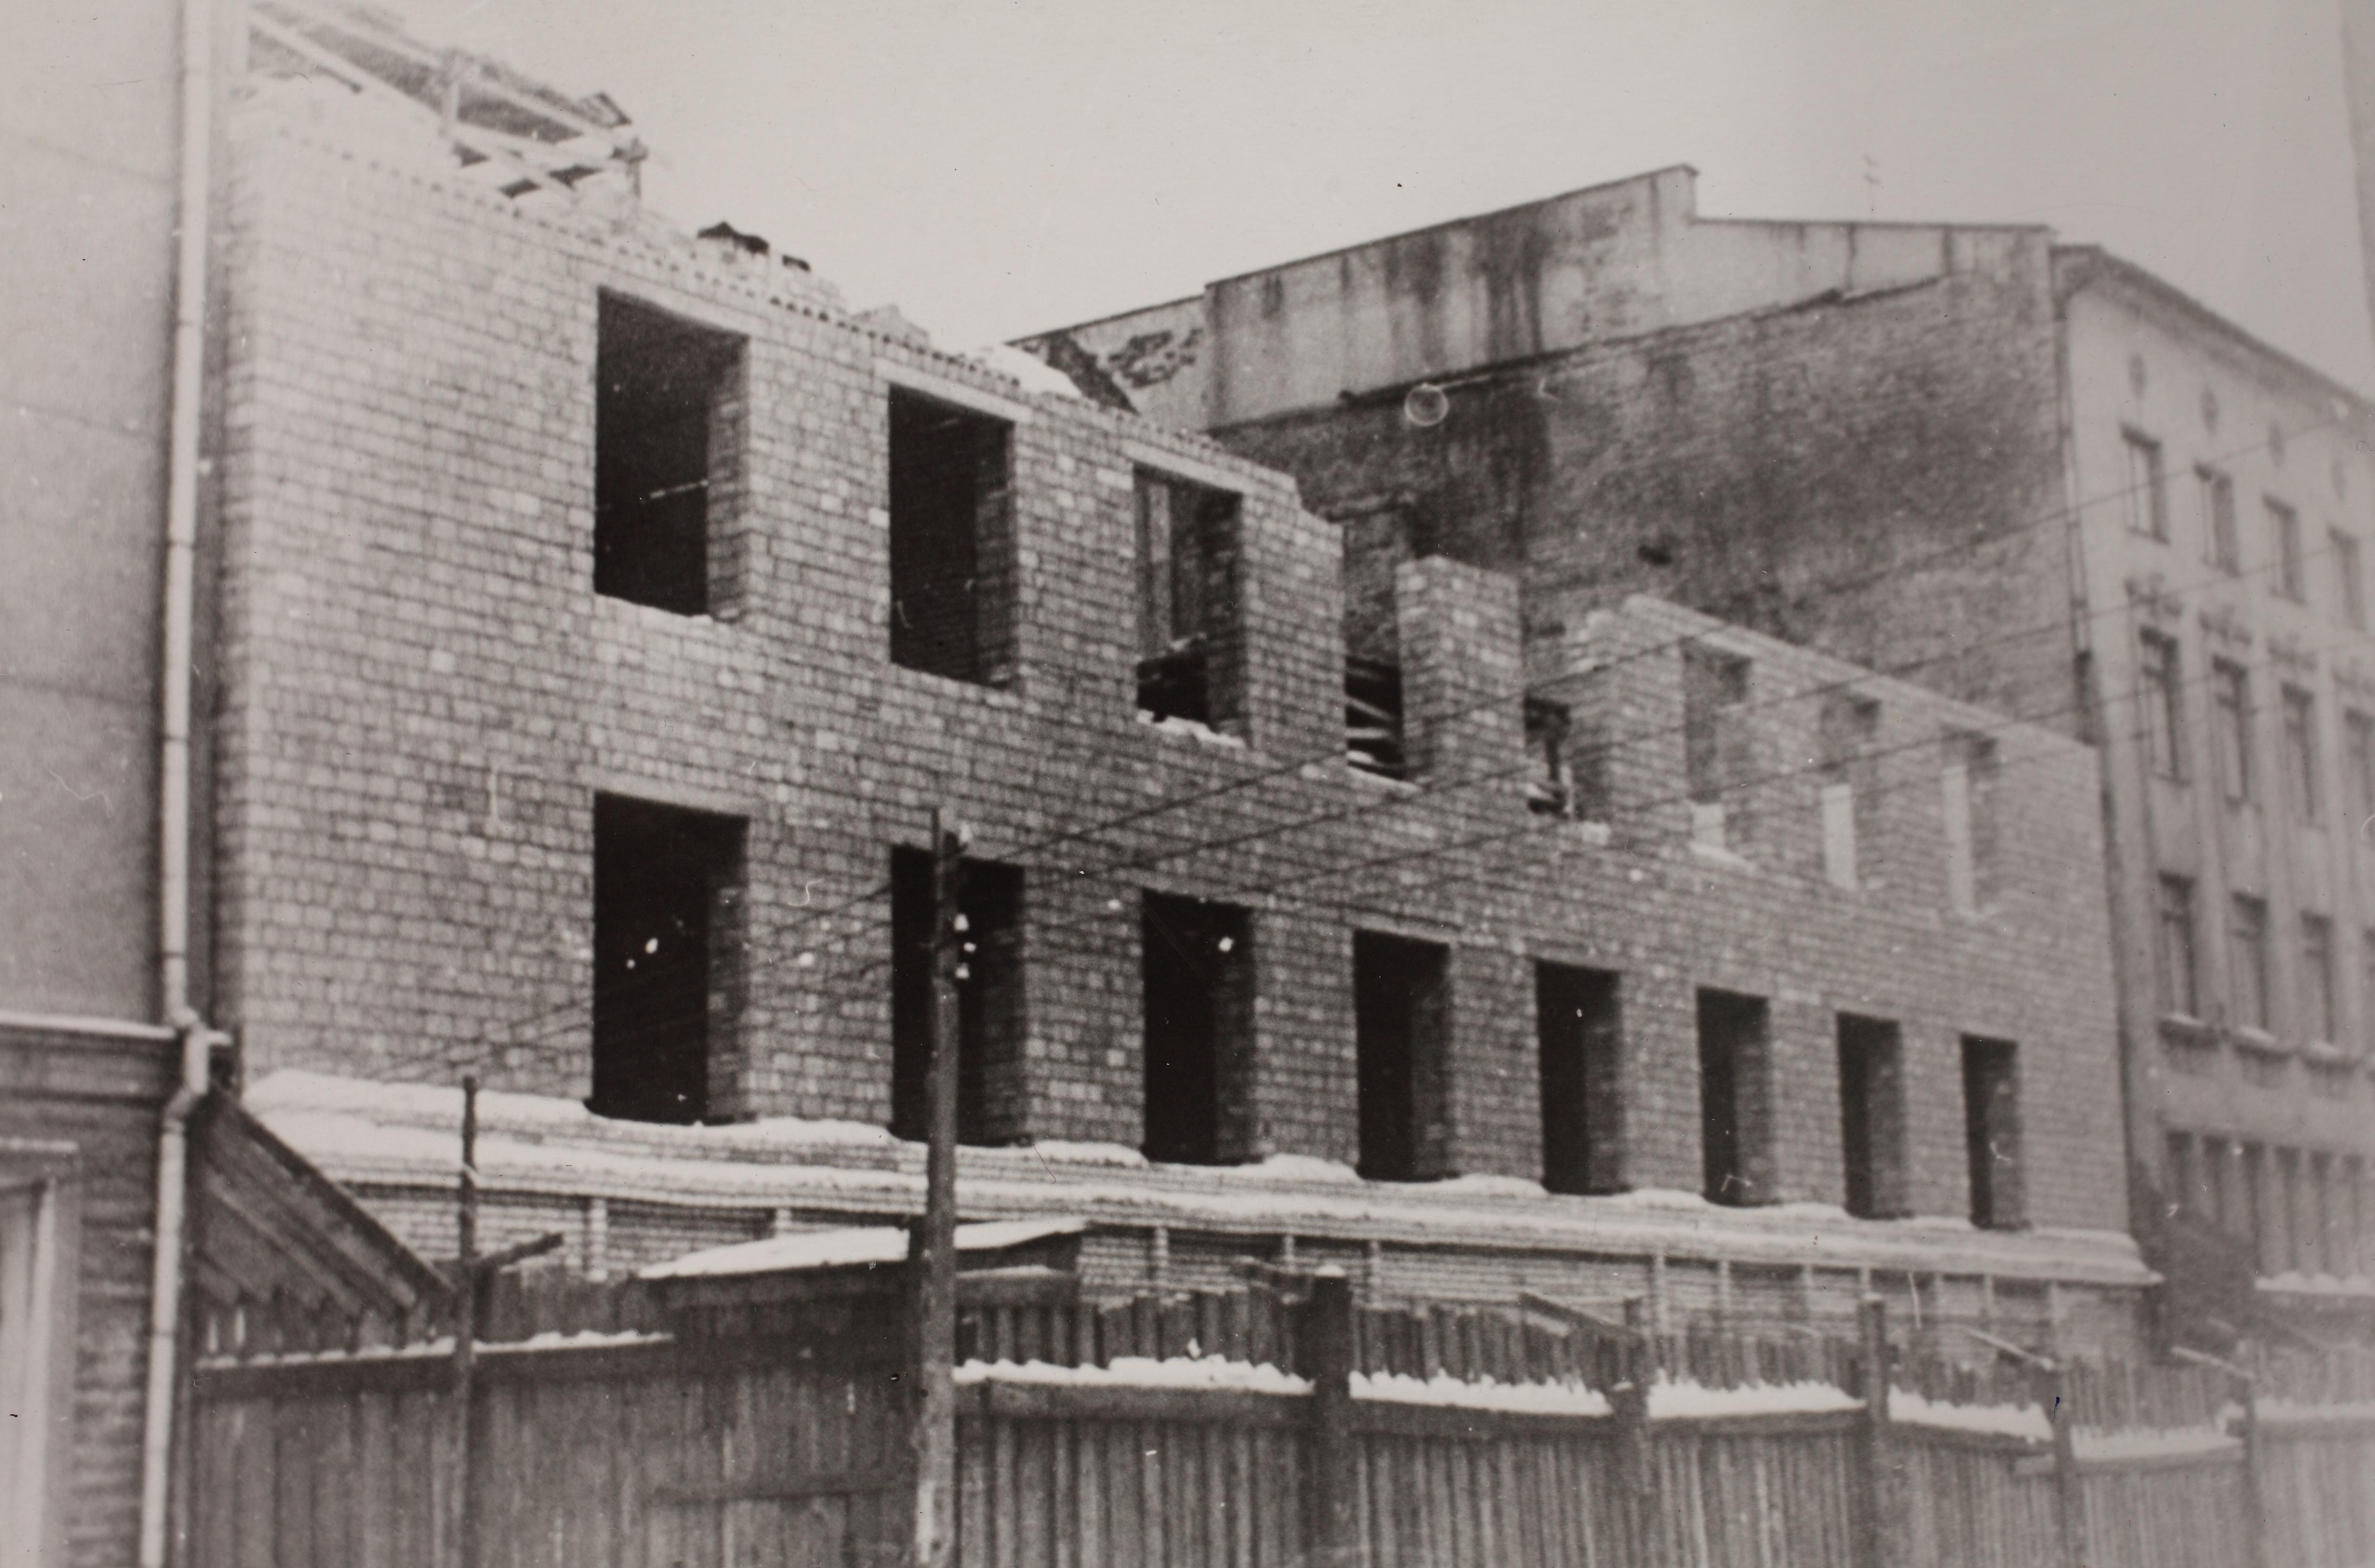 Maneeži 4 hoone ehitus. Ca 1960. ERA.R-18.9.25.18.3